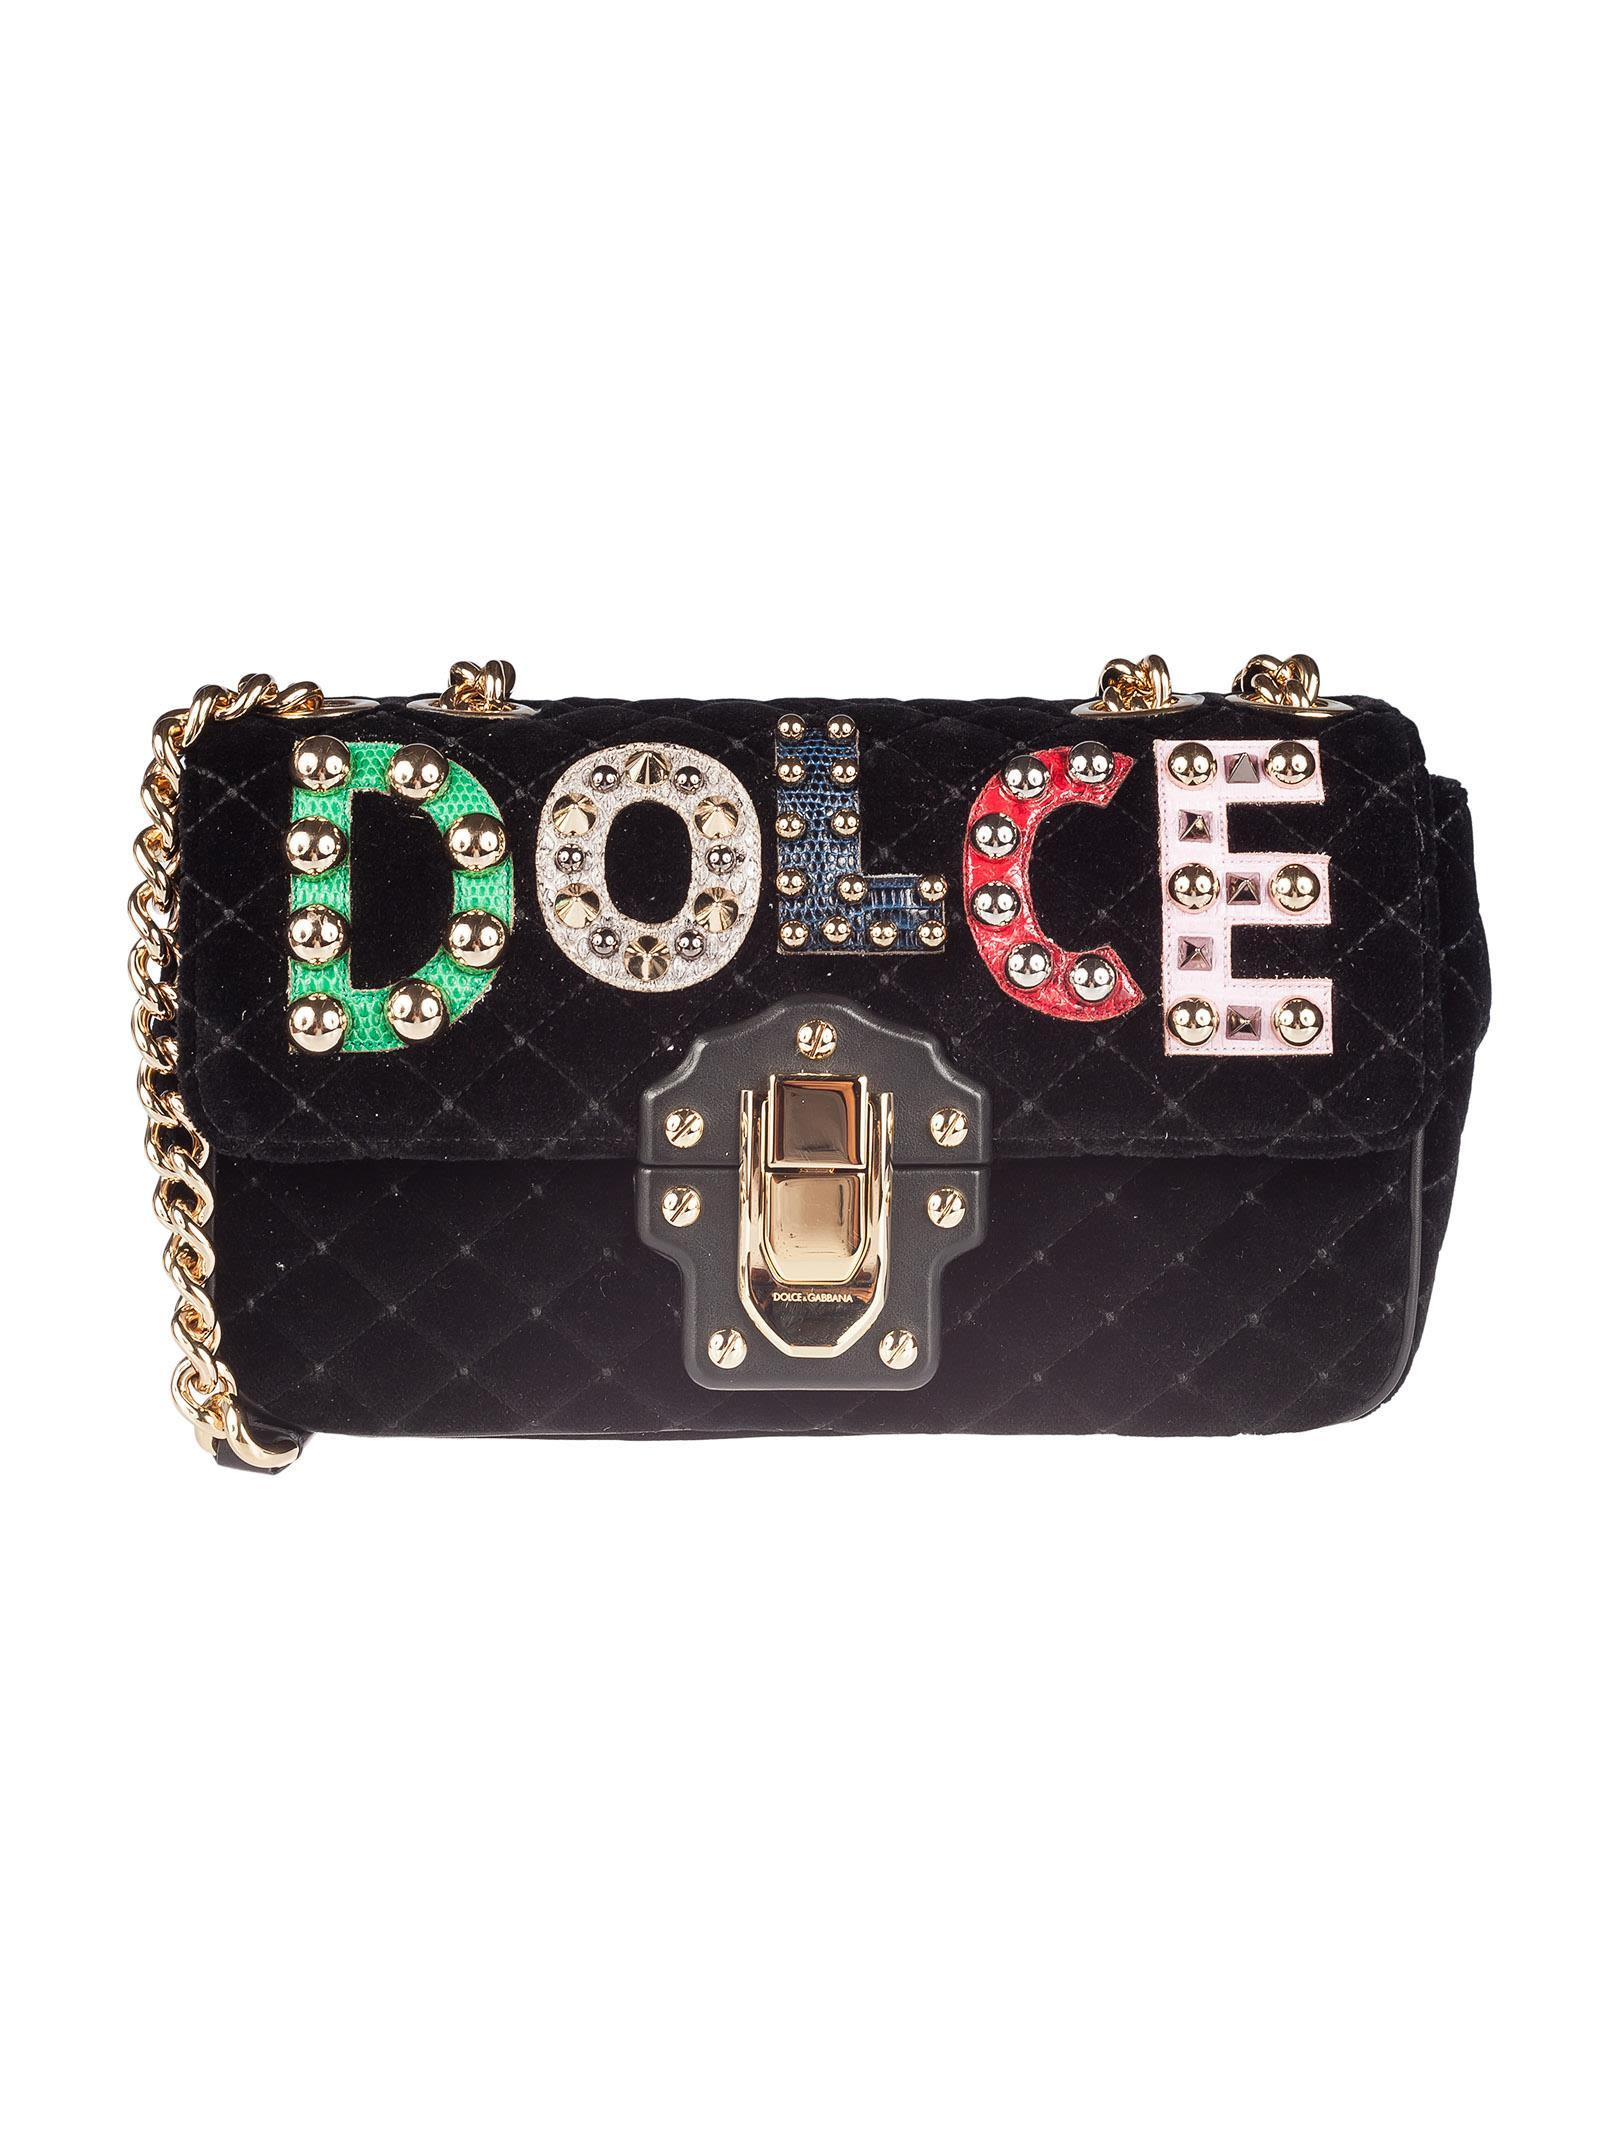 f023dc605b Dolce & Gabbana Velvet Lucia Small Shoulder Bag In Black | ModeSens